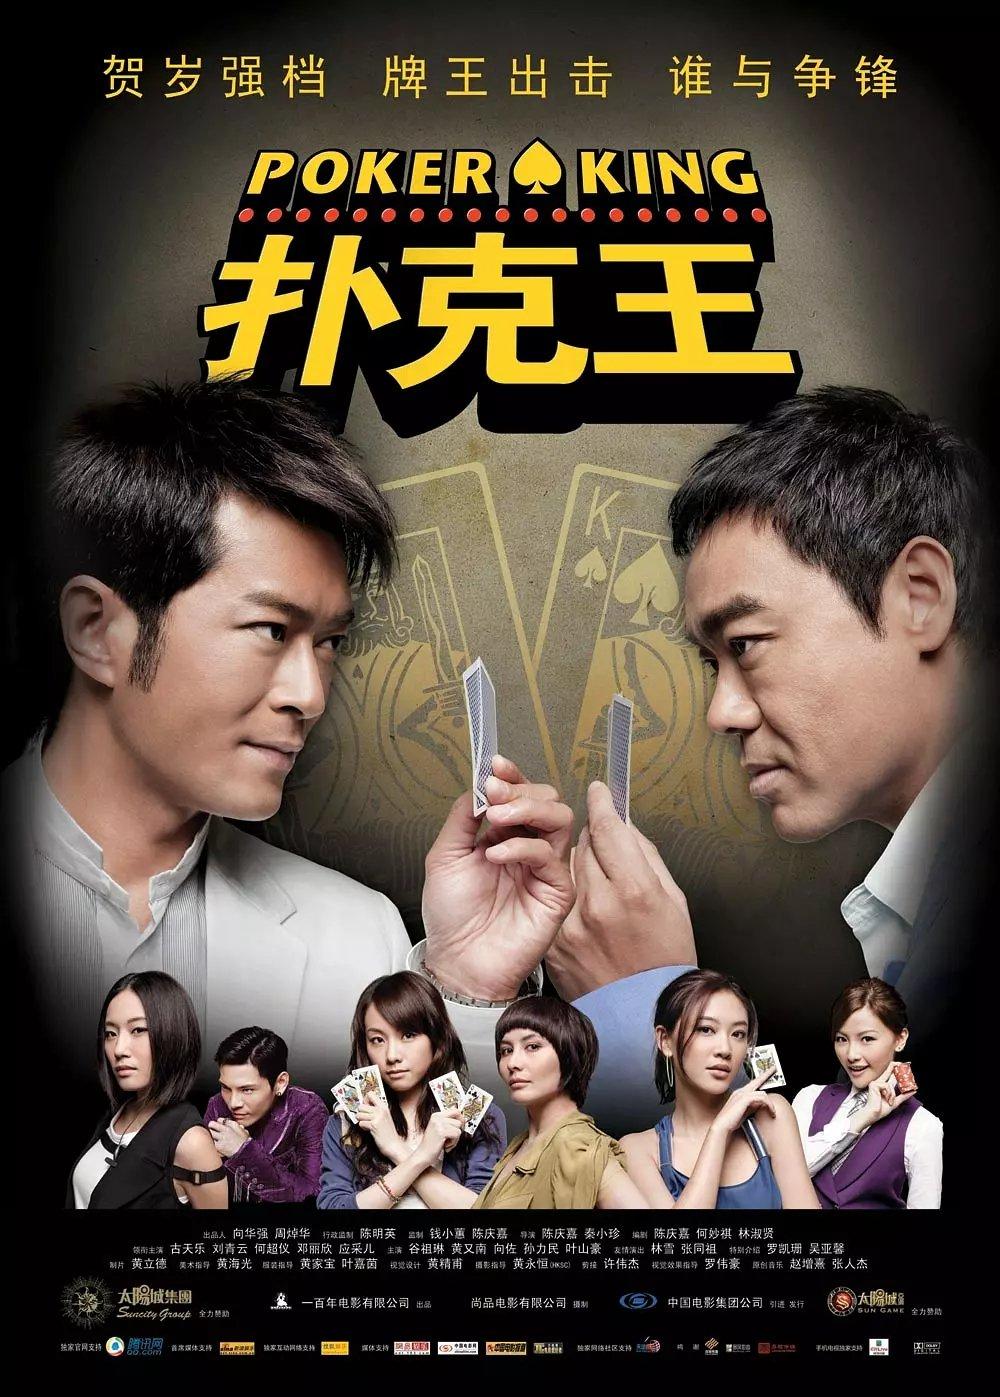 2009香港喜剧《扑克王》BD1080P 高清迅雷下载